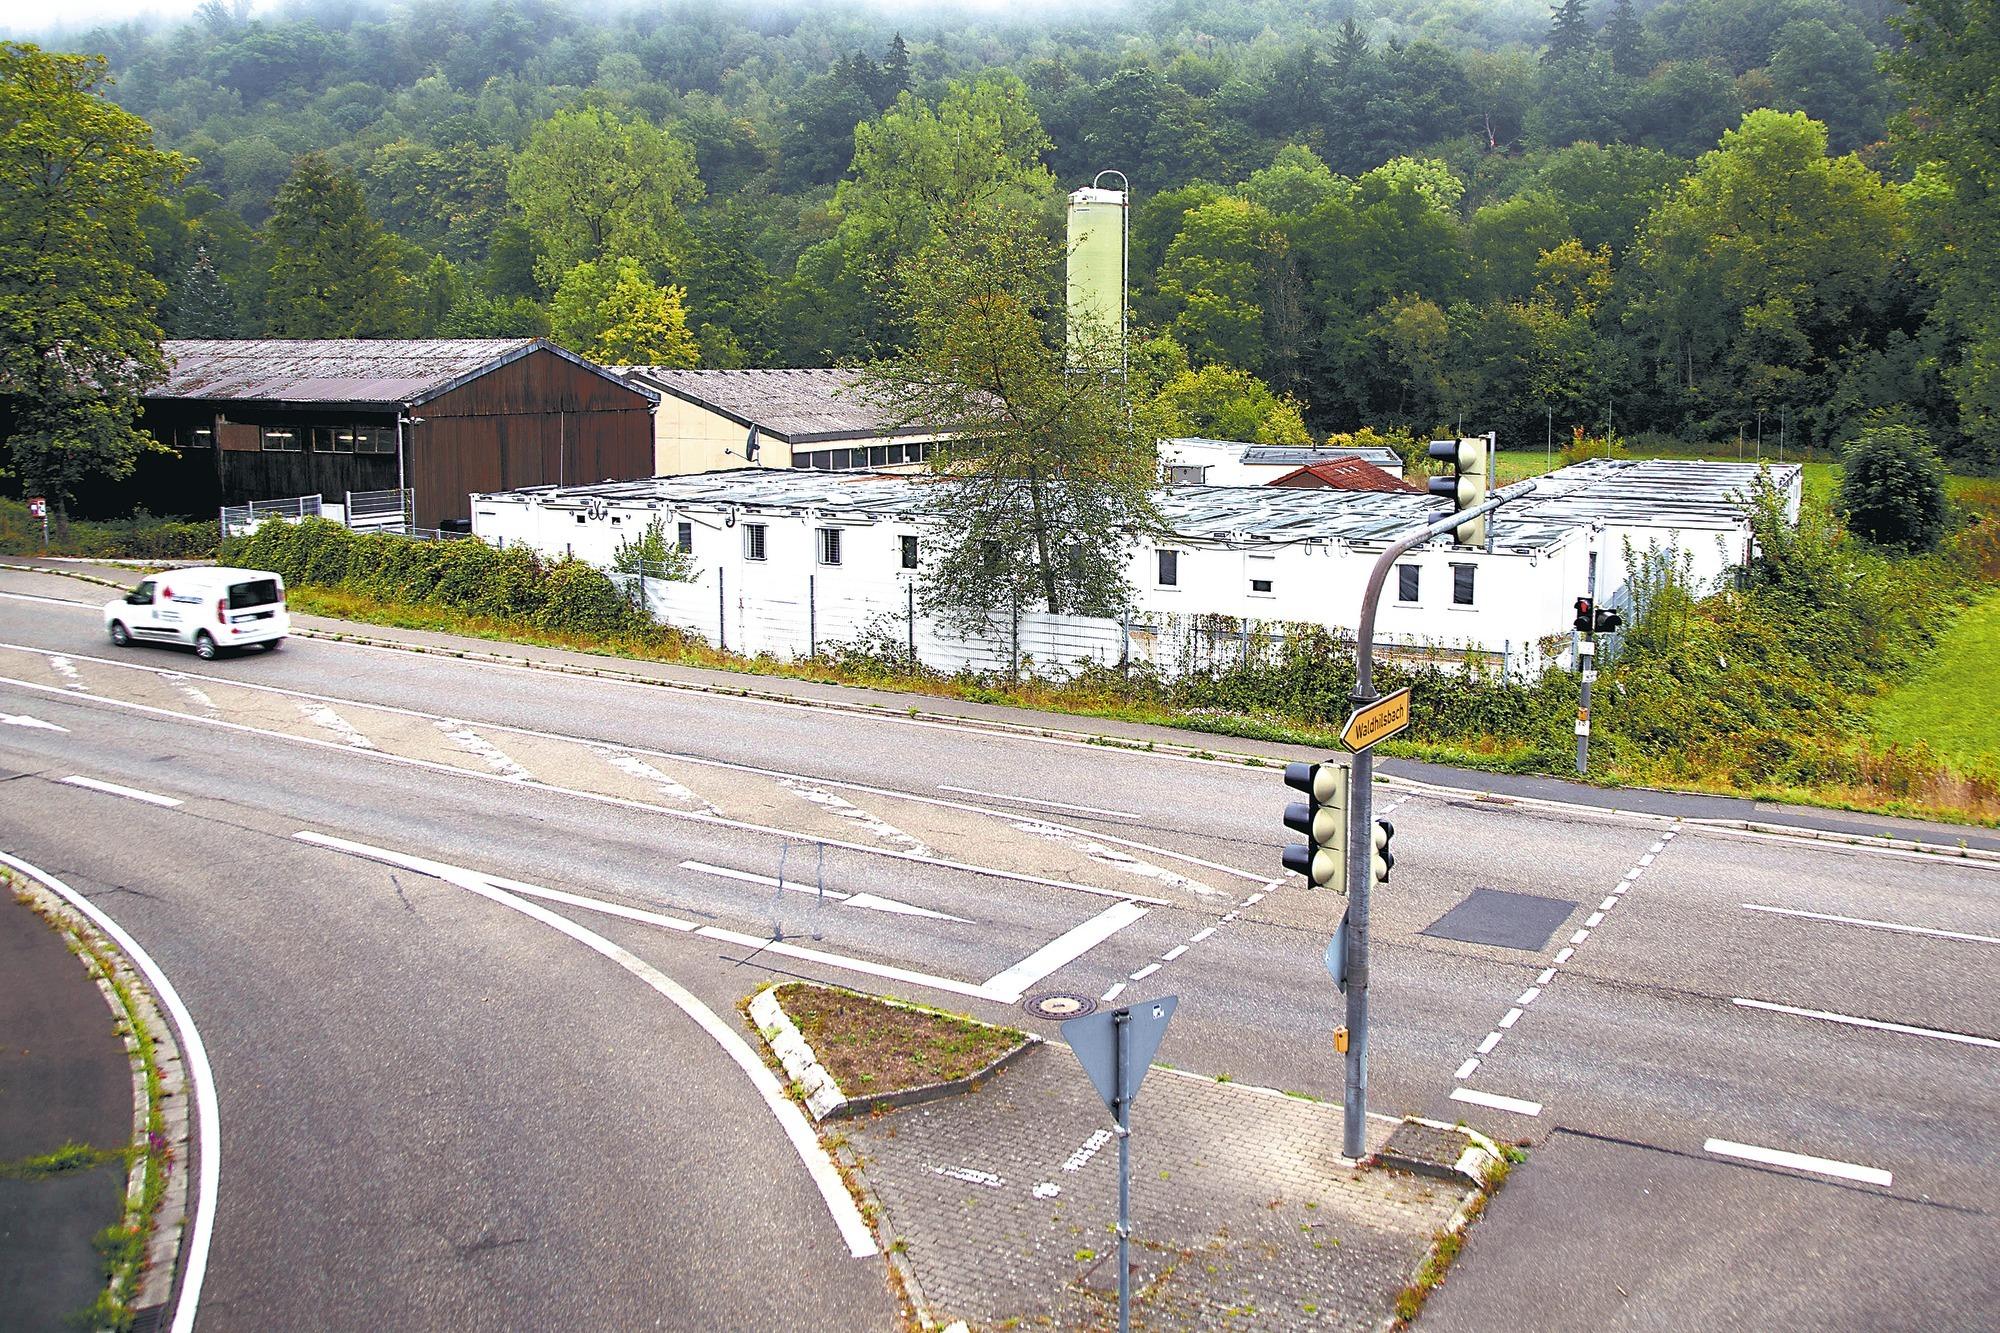 Neckargemünd/Bammental: 100 Meter verhindern eine sinnvolle Lösung ...